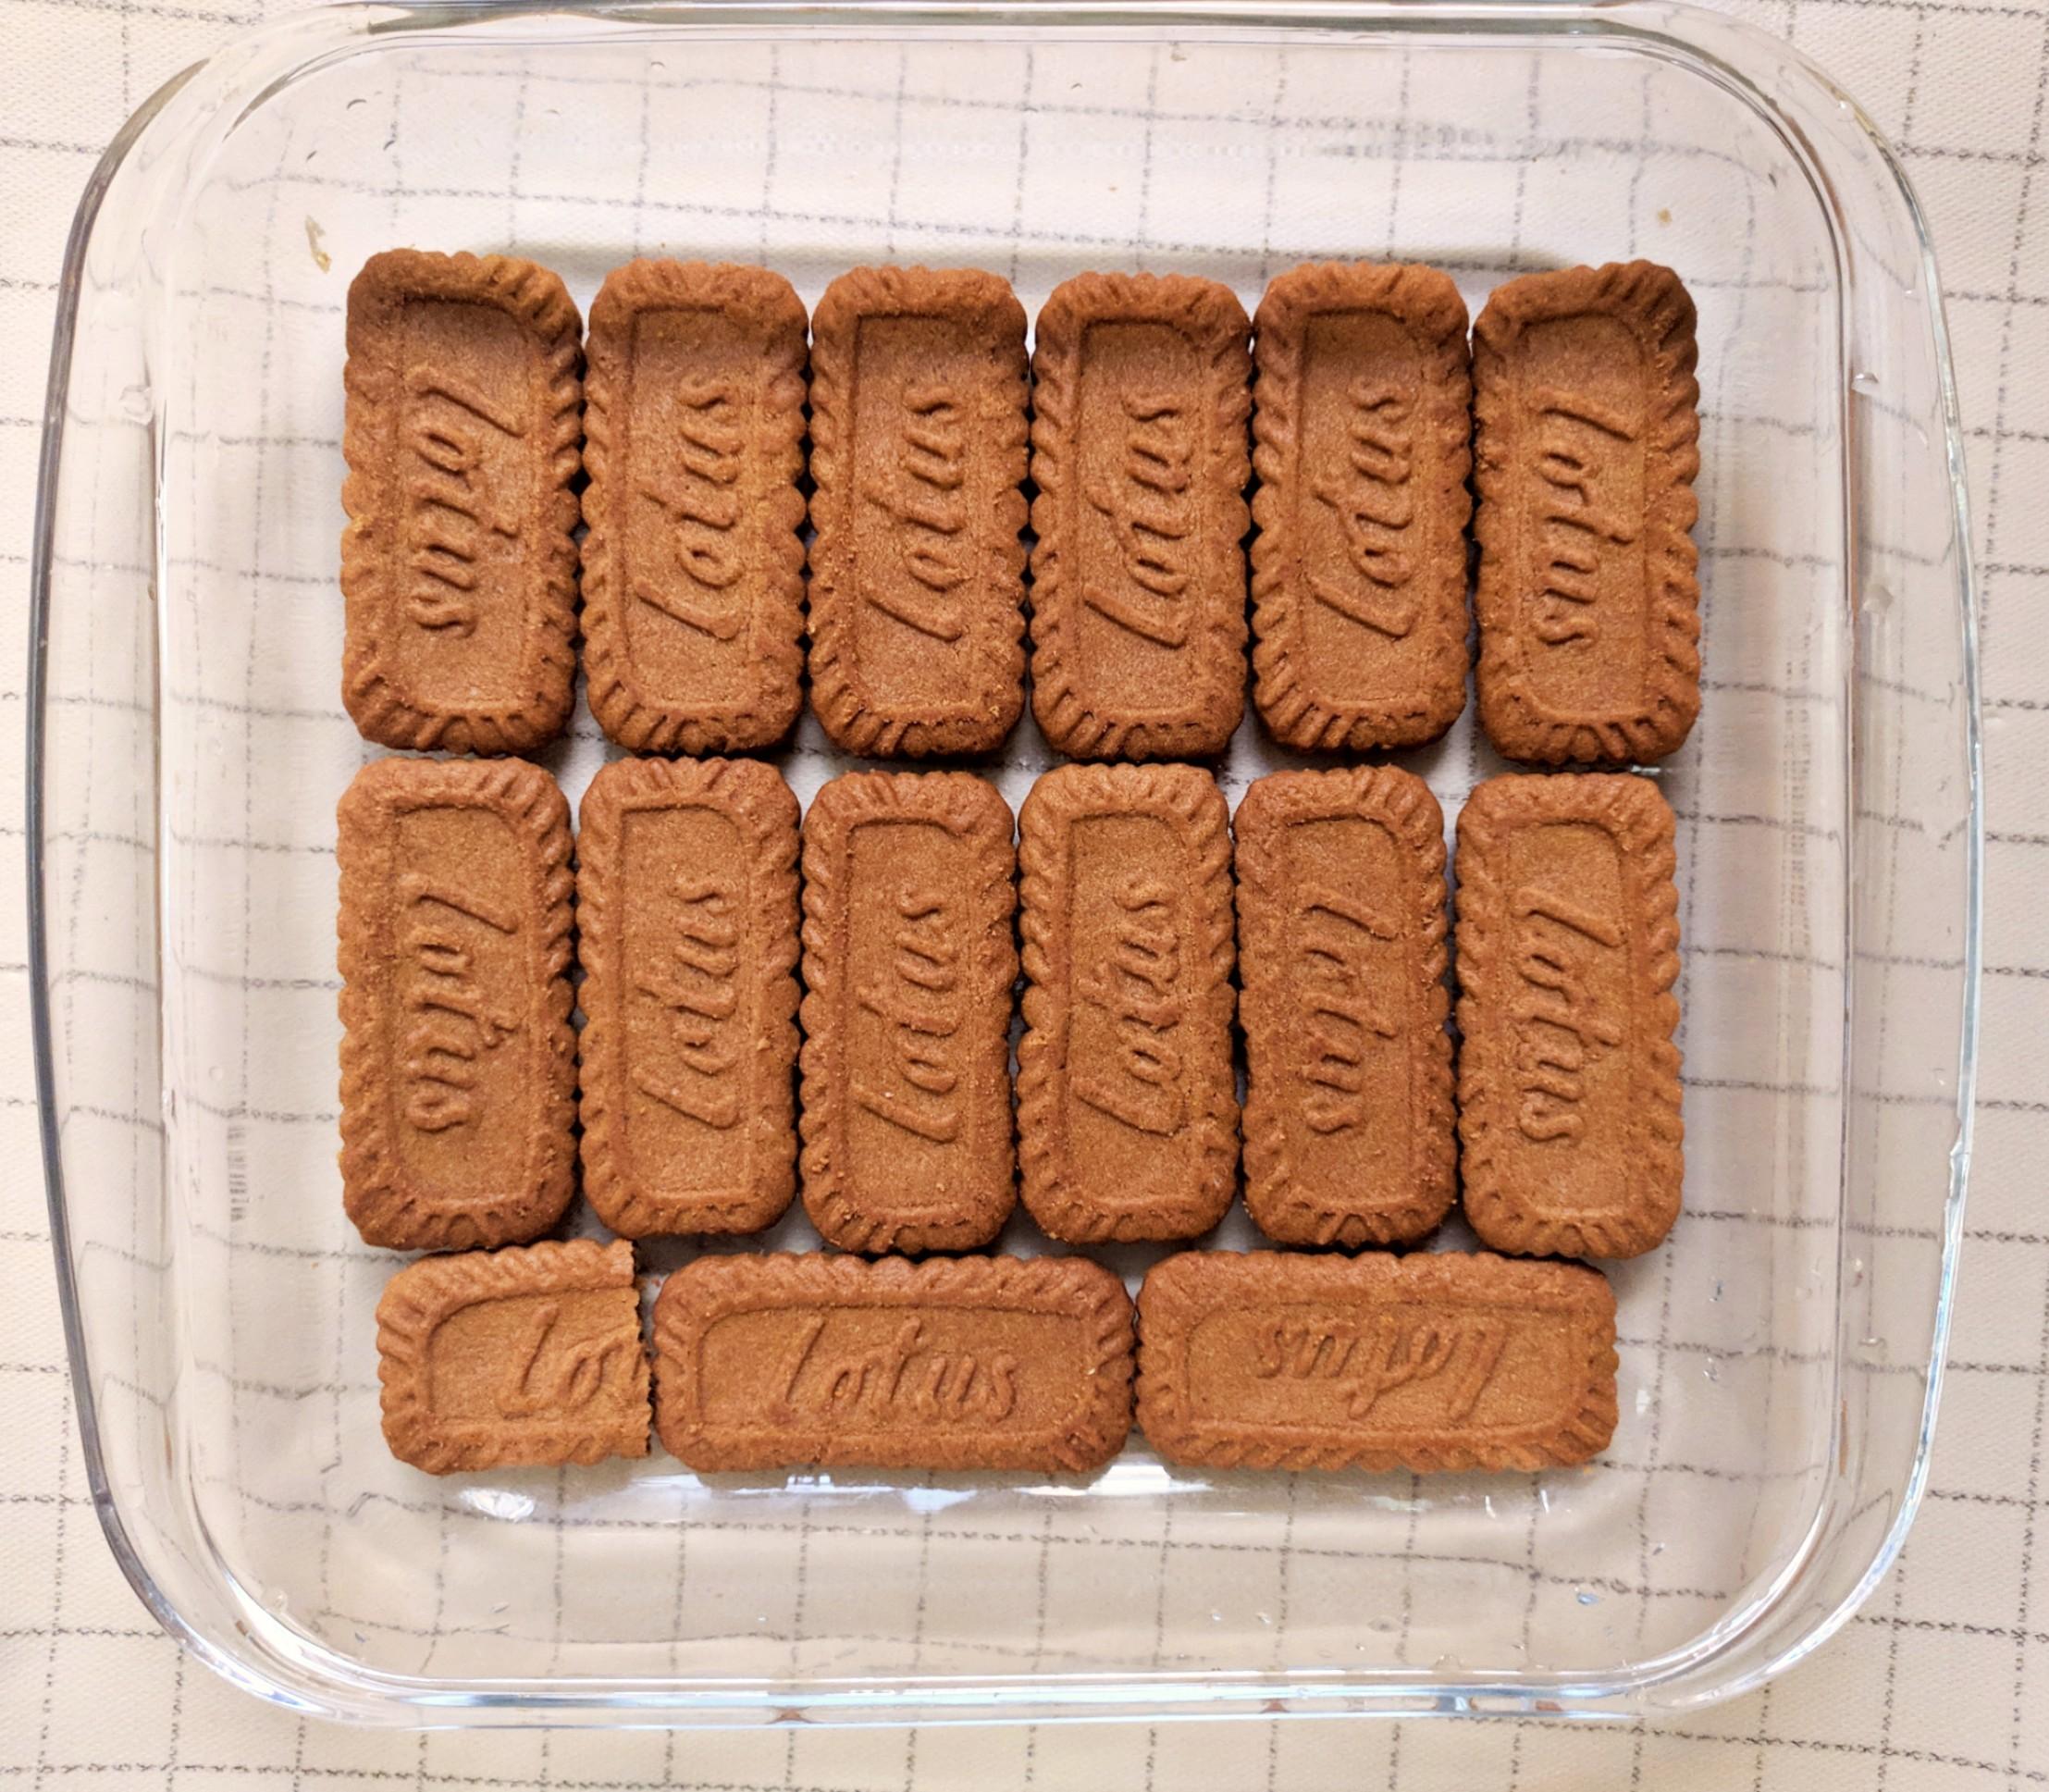 biscoff biscuits